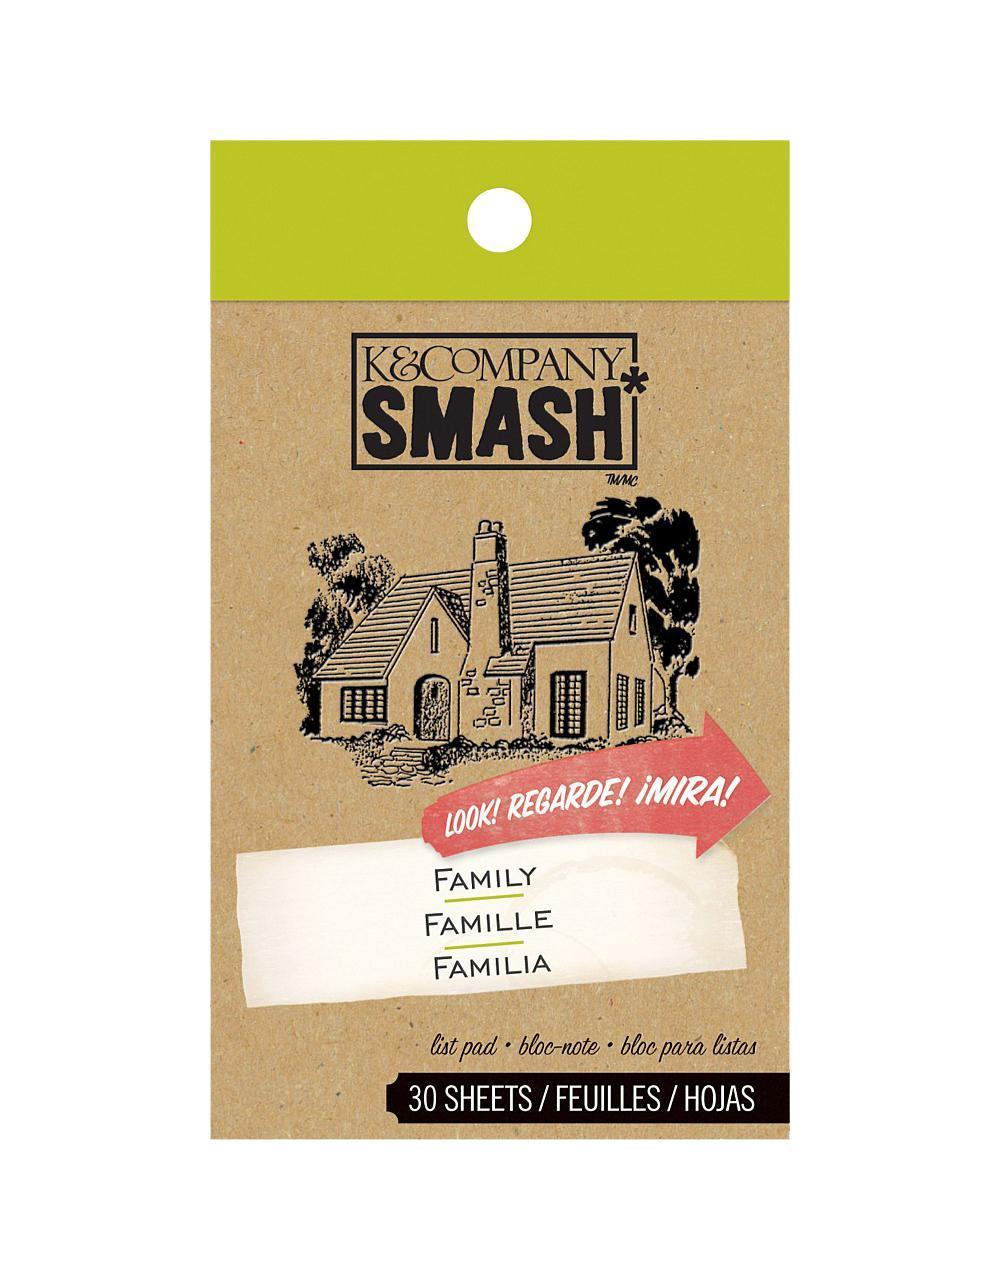 Блокнот K&Company Smash СемьяKCO-30-620308Блокнот Smash для записей. Включает в себя 30 дизайнерских листов. Идеально подходит для оформления Папки Smash. Размер блокнота ~7*12 см. Материал: БумагаРазмер: 70*120*6